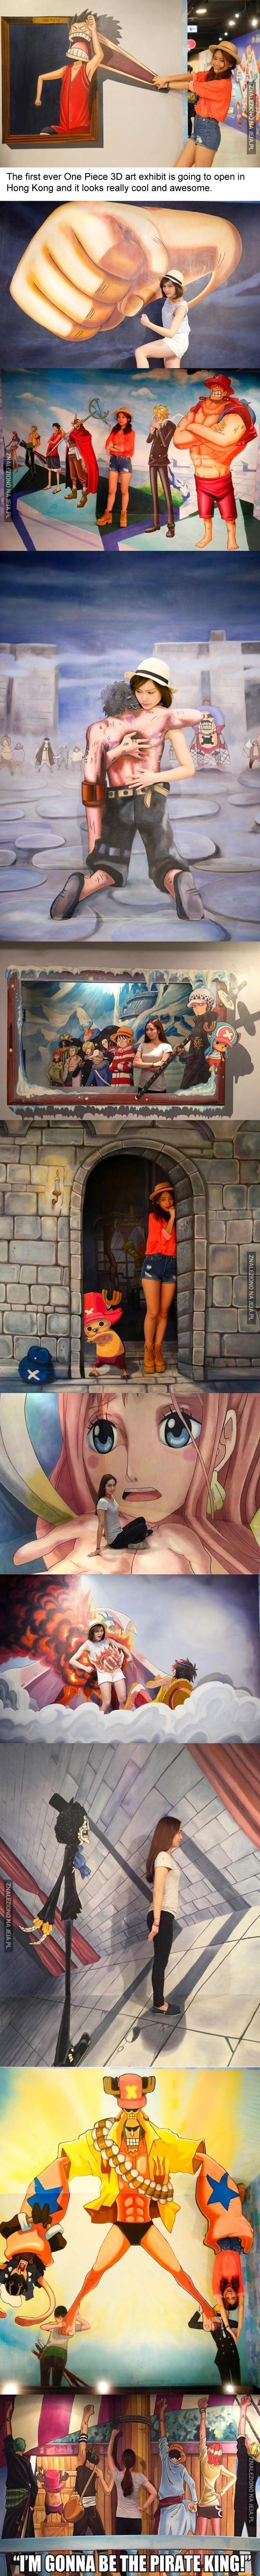 Pierwsze muzeum 3D One Piece